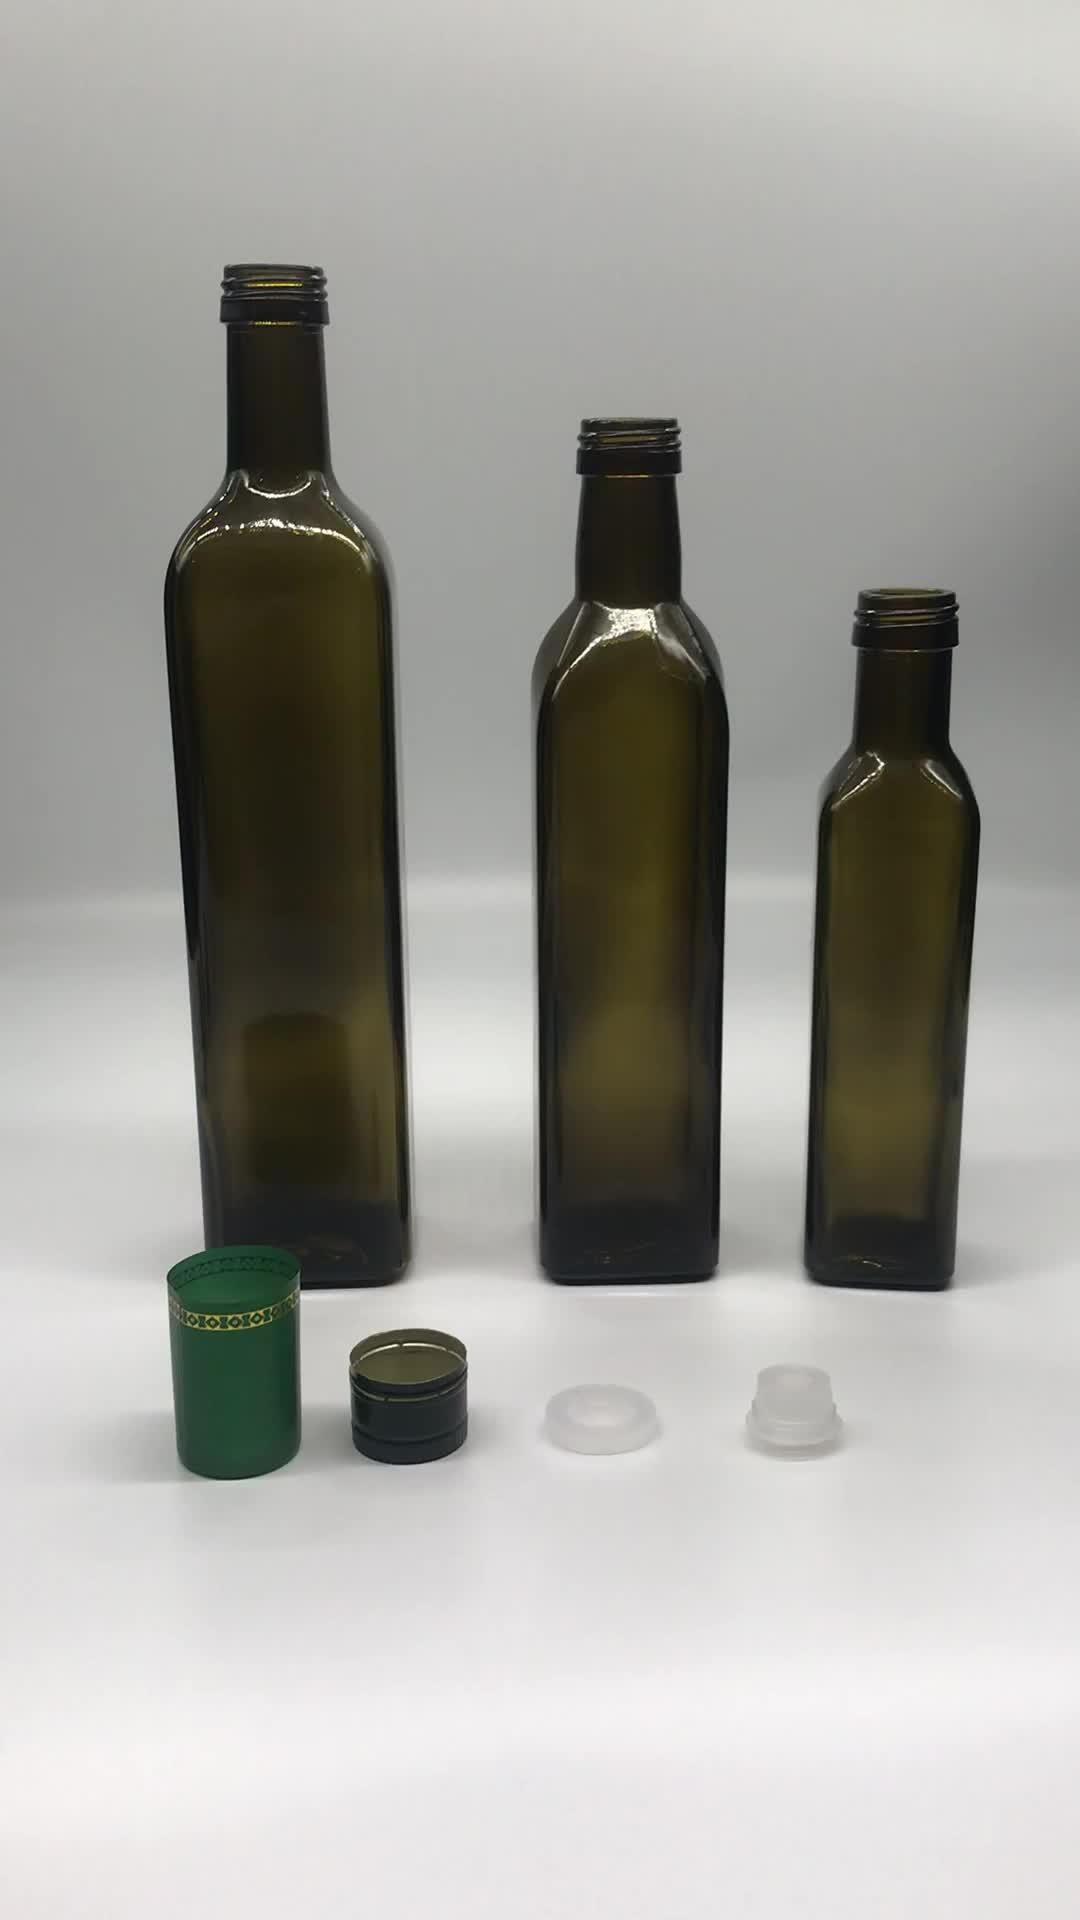 250 Ml Botol Persegi Quadra Antik Hijau Minyak Zaitun Botol Kaca